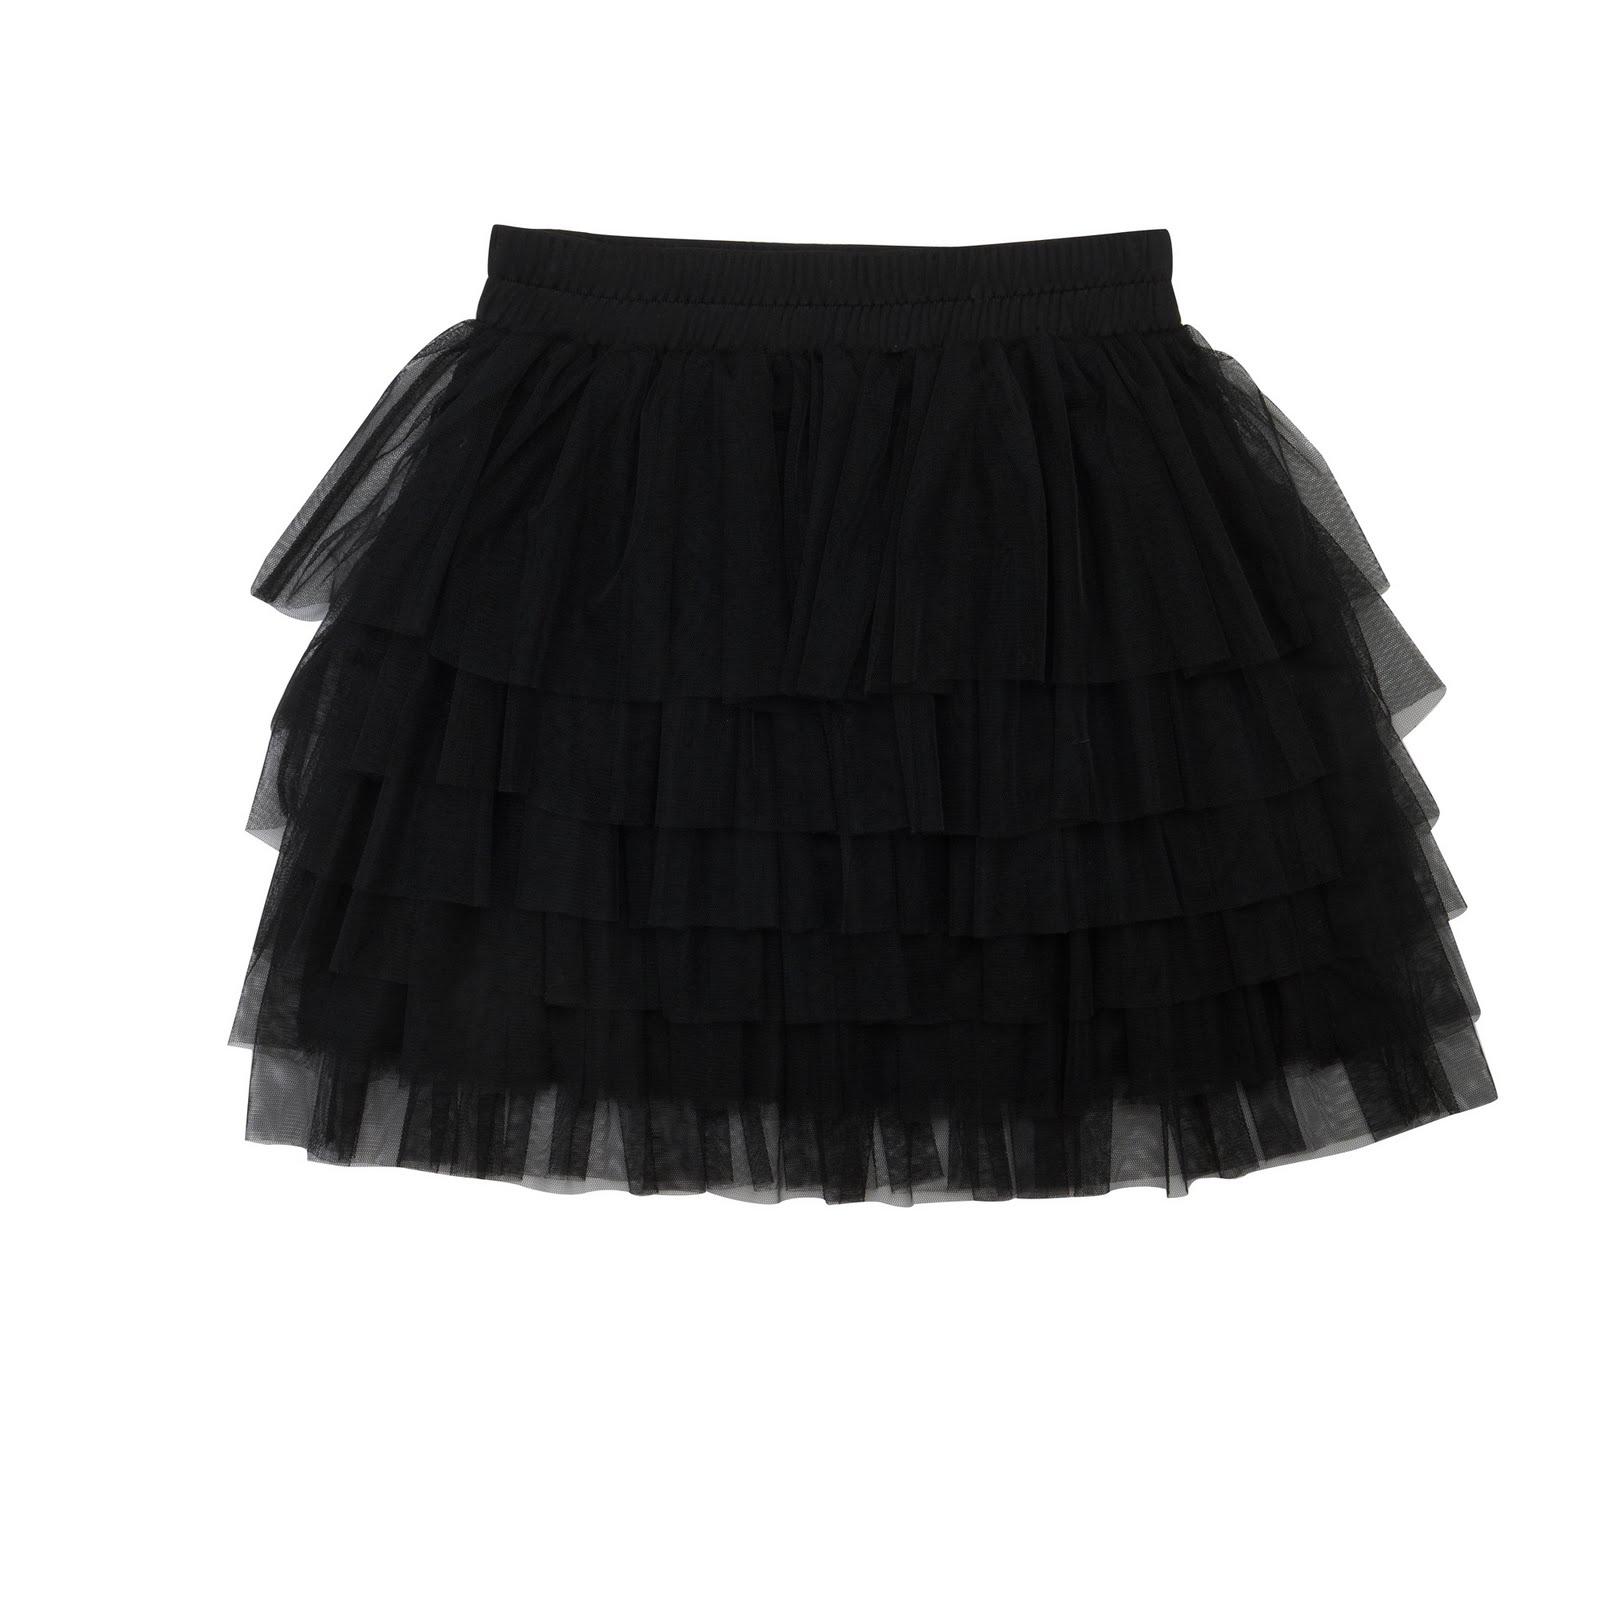 El año pasado me compre una falda de tul negra, fuésemos donde ...